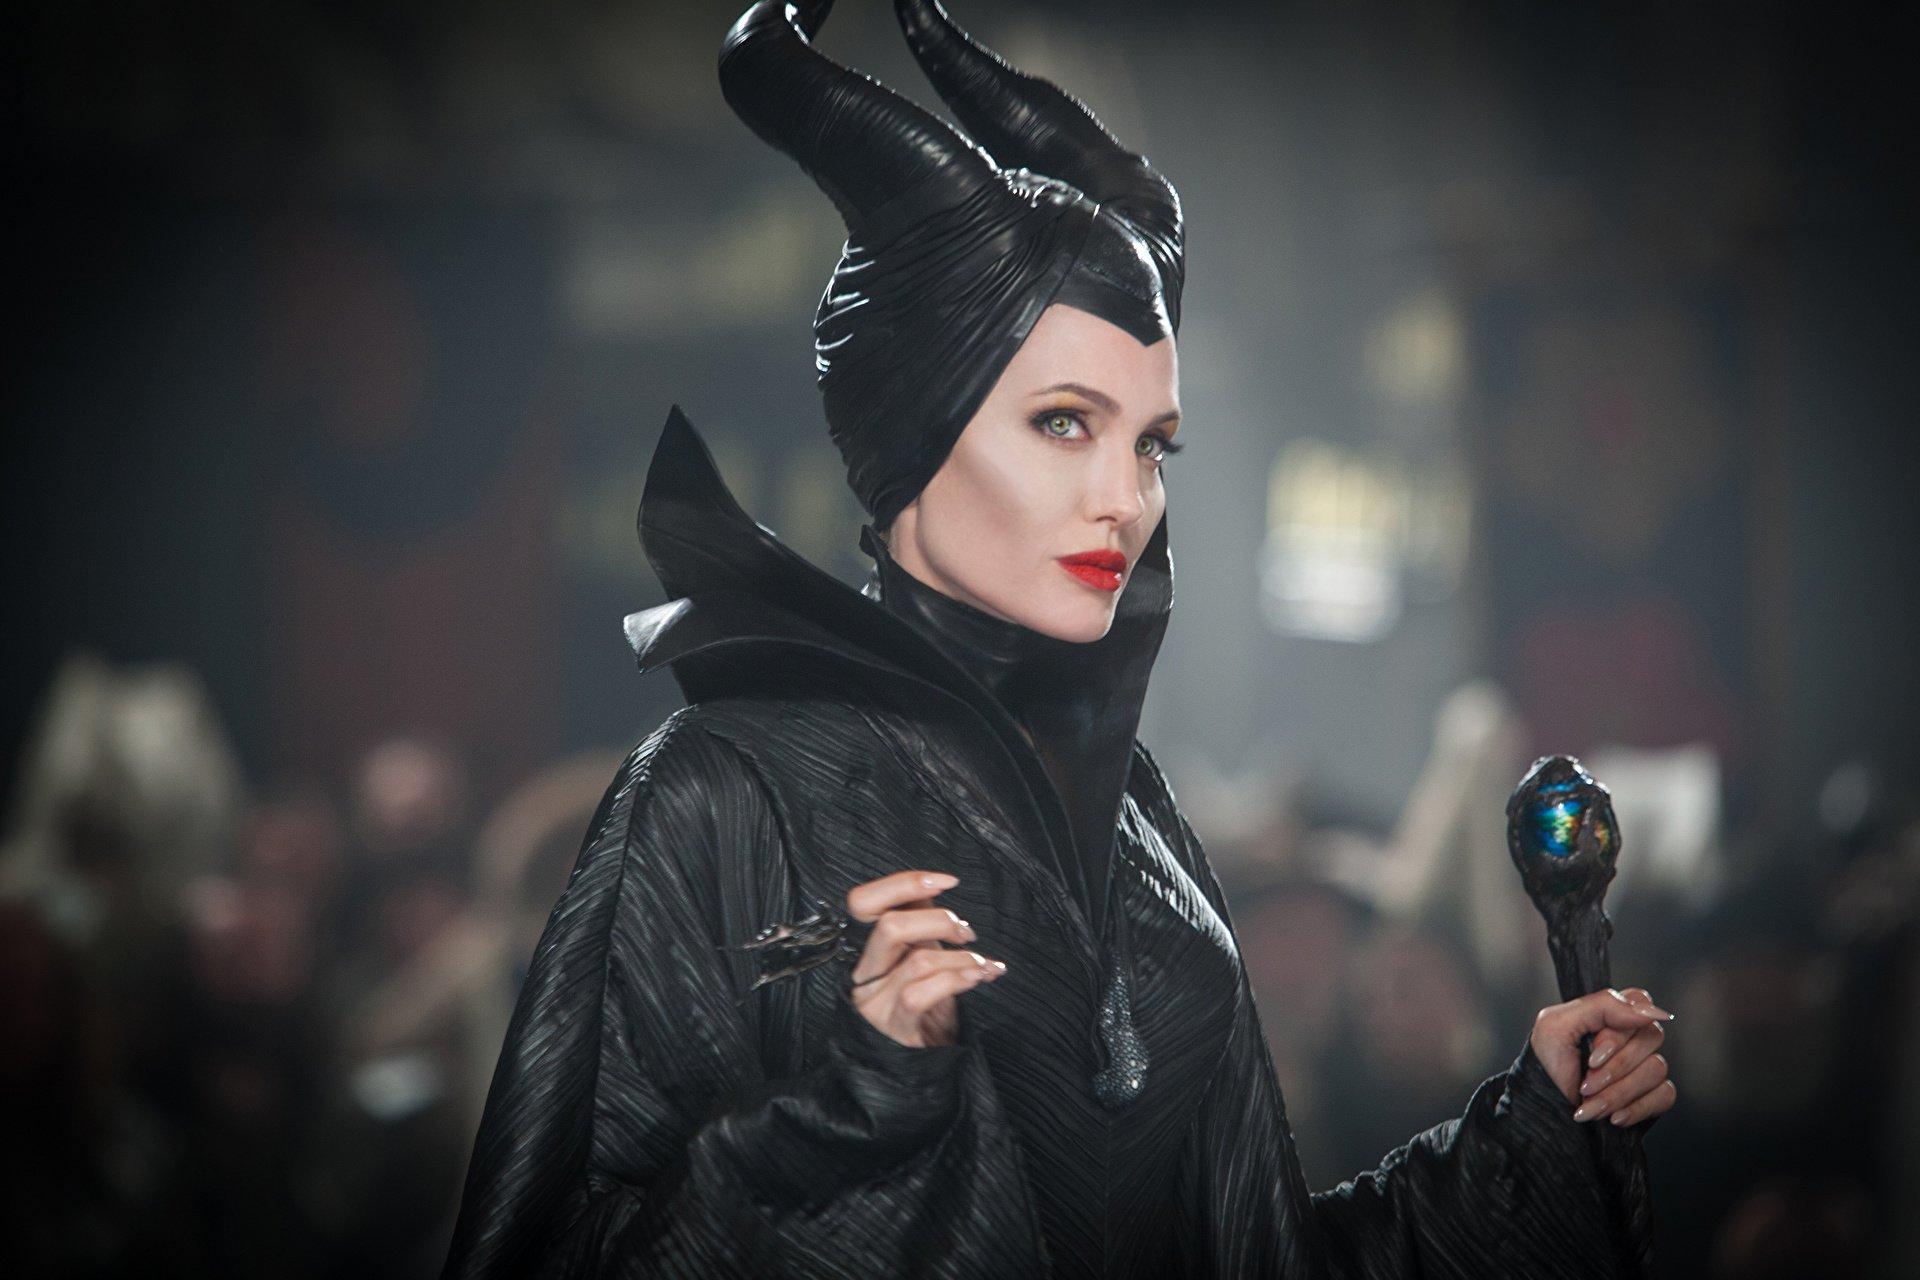 Анджелина Джоли впервый раз сыграет всупергеройском кинофильме Marvel